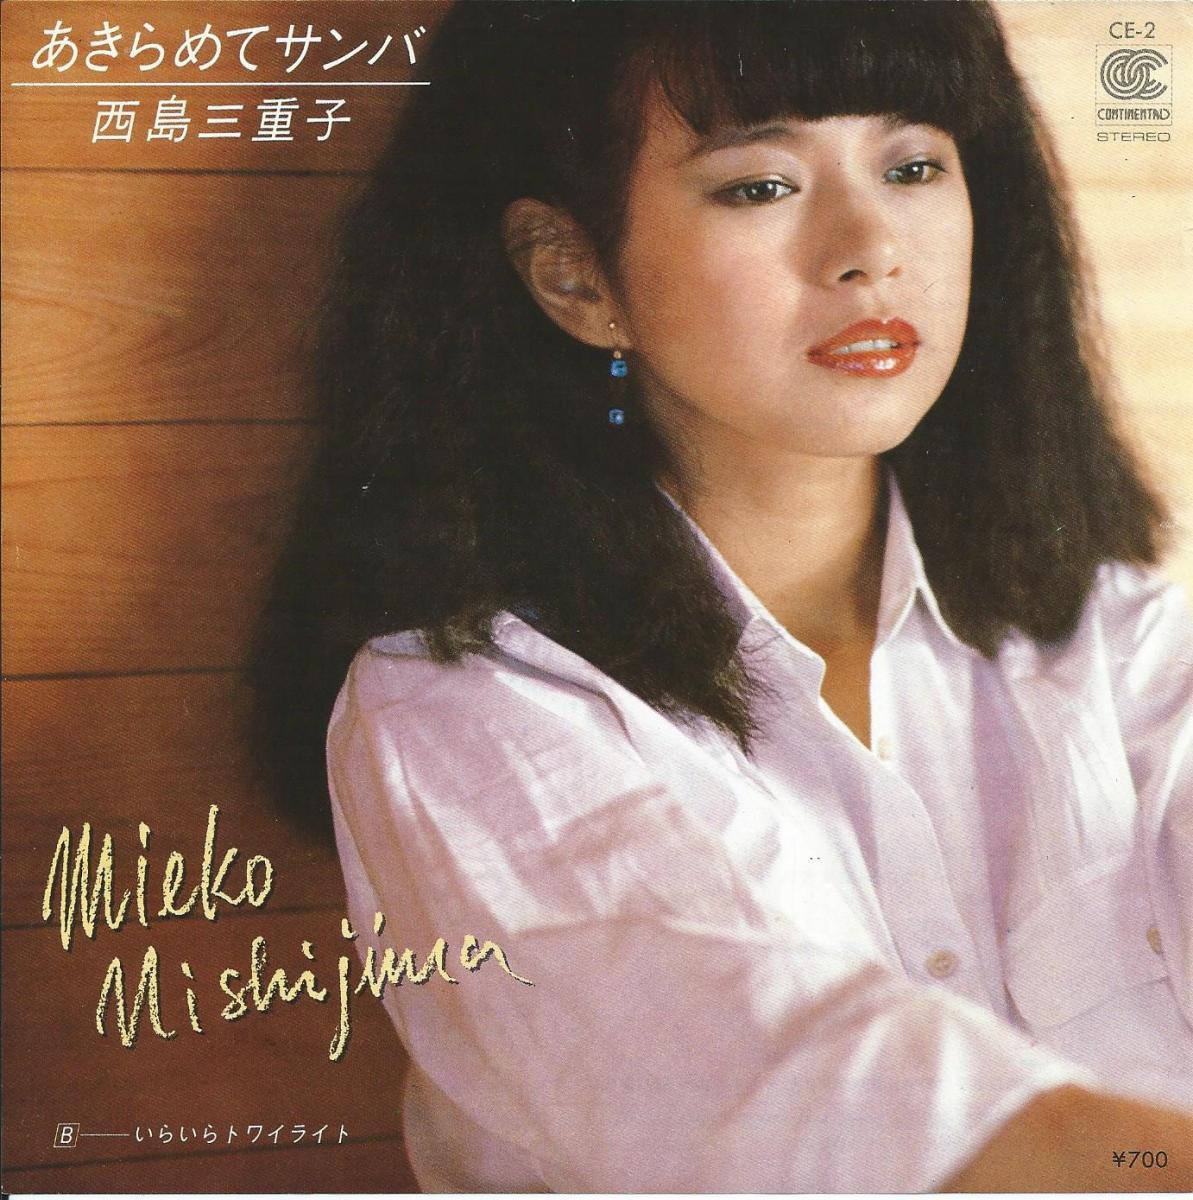 西島三重子 MIEKO NISHIJIMA / あきらめてサンバ / いらいらトワイライト (7